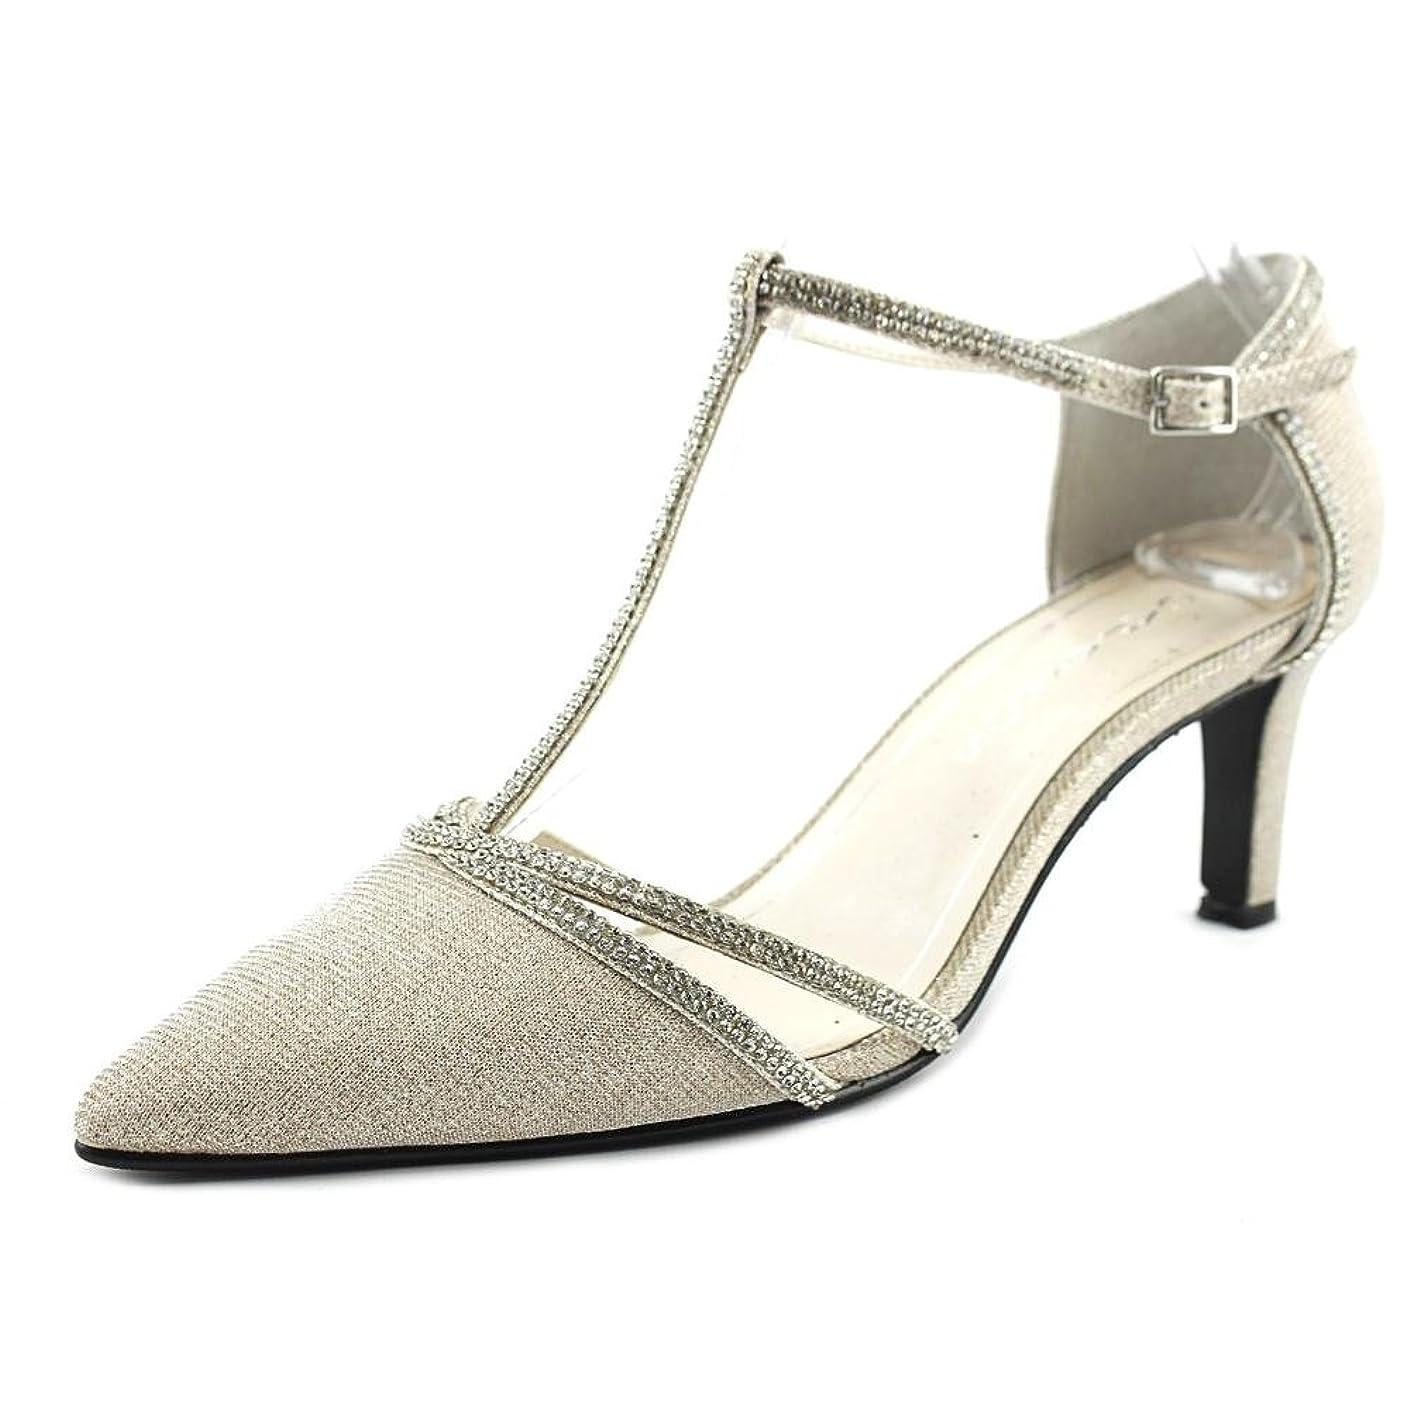 借りているホイール方程式[Caparros] Womens dixie Pointed Toe Ankle Strap Classic Pumps [並行輸入品]